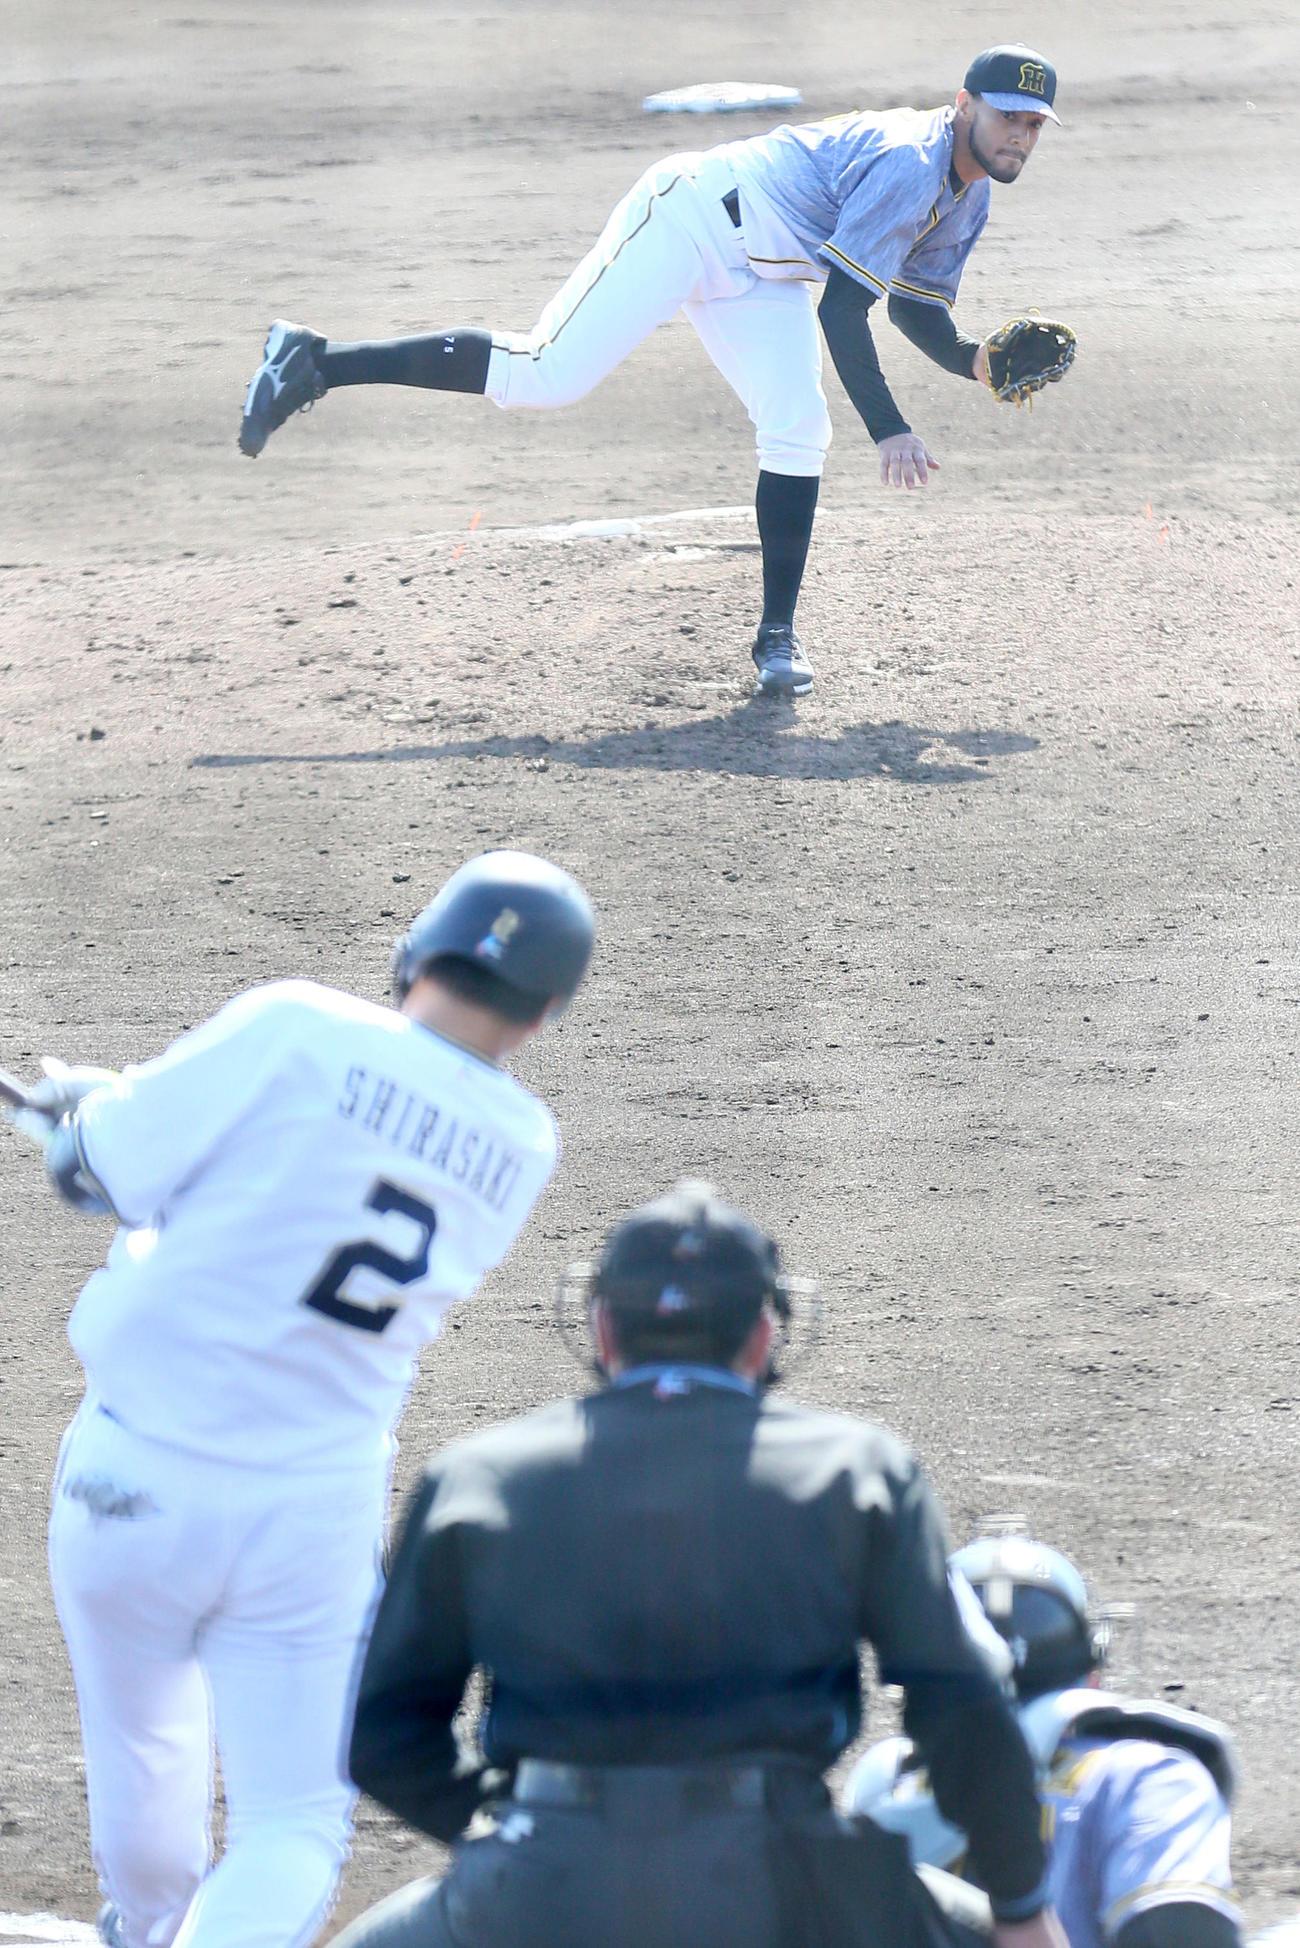 2軍練習試合オリックス対阪神で6回3番手で登板し好投するスアレス(撮影・上山淳一)